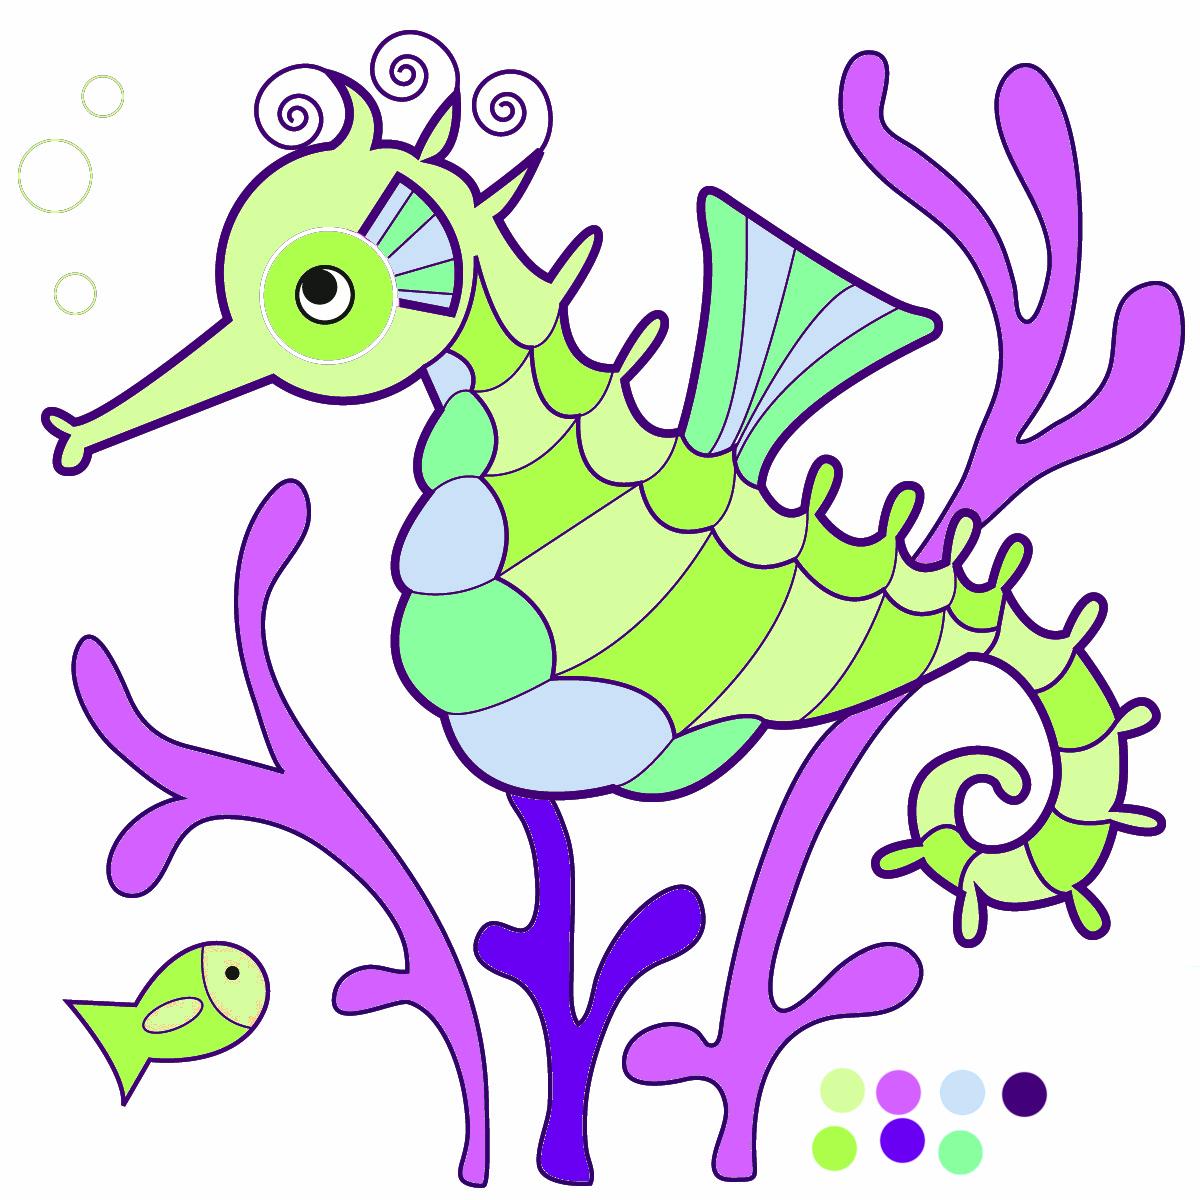 Seahorse images clip art